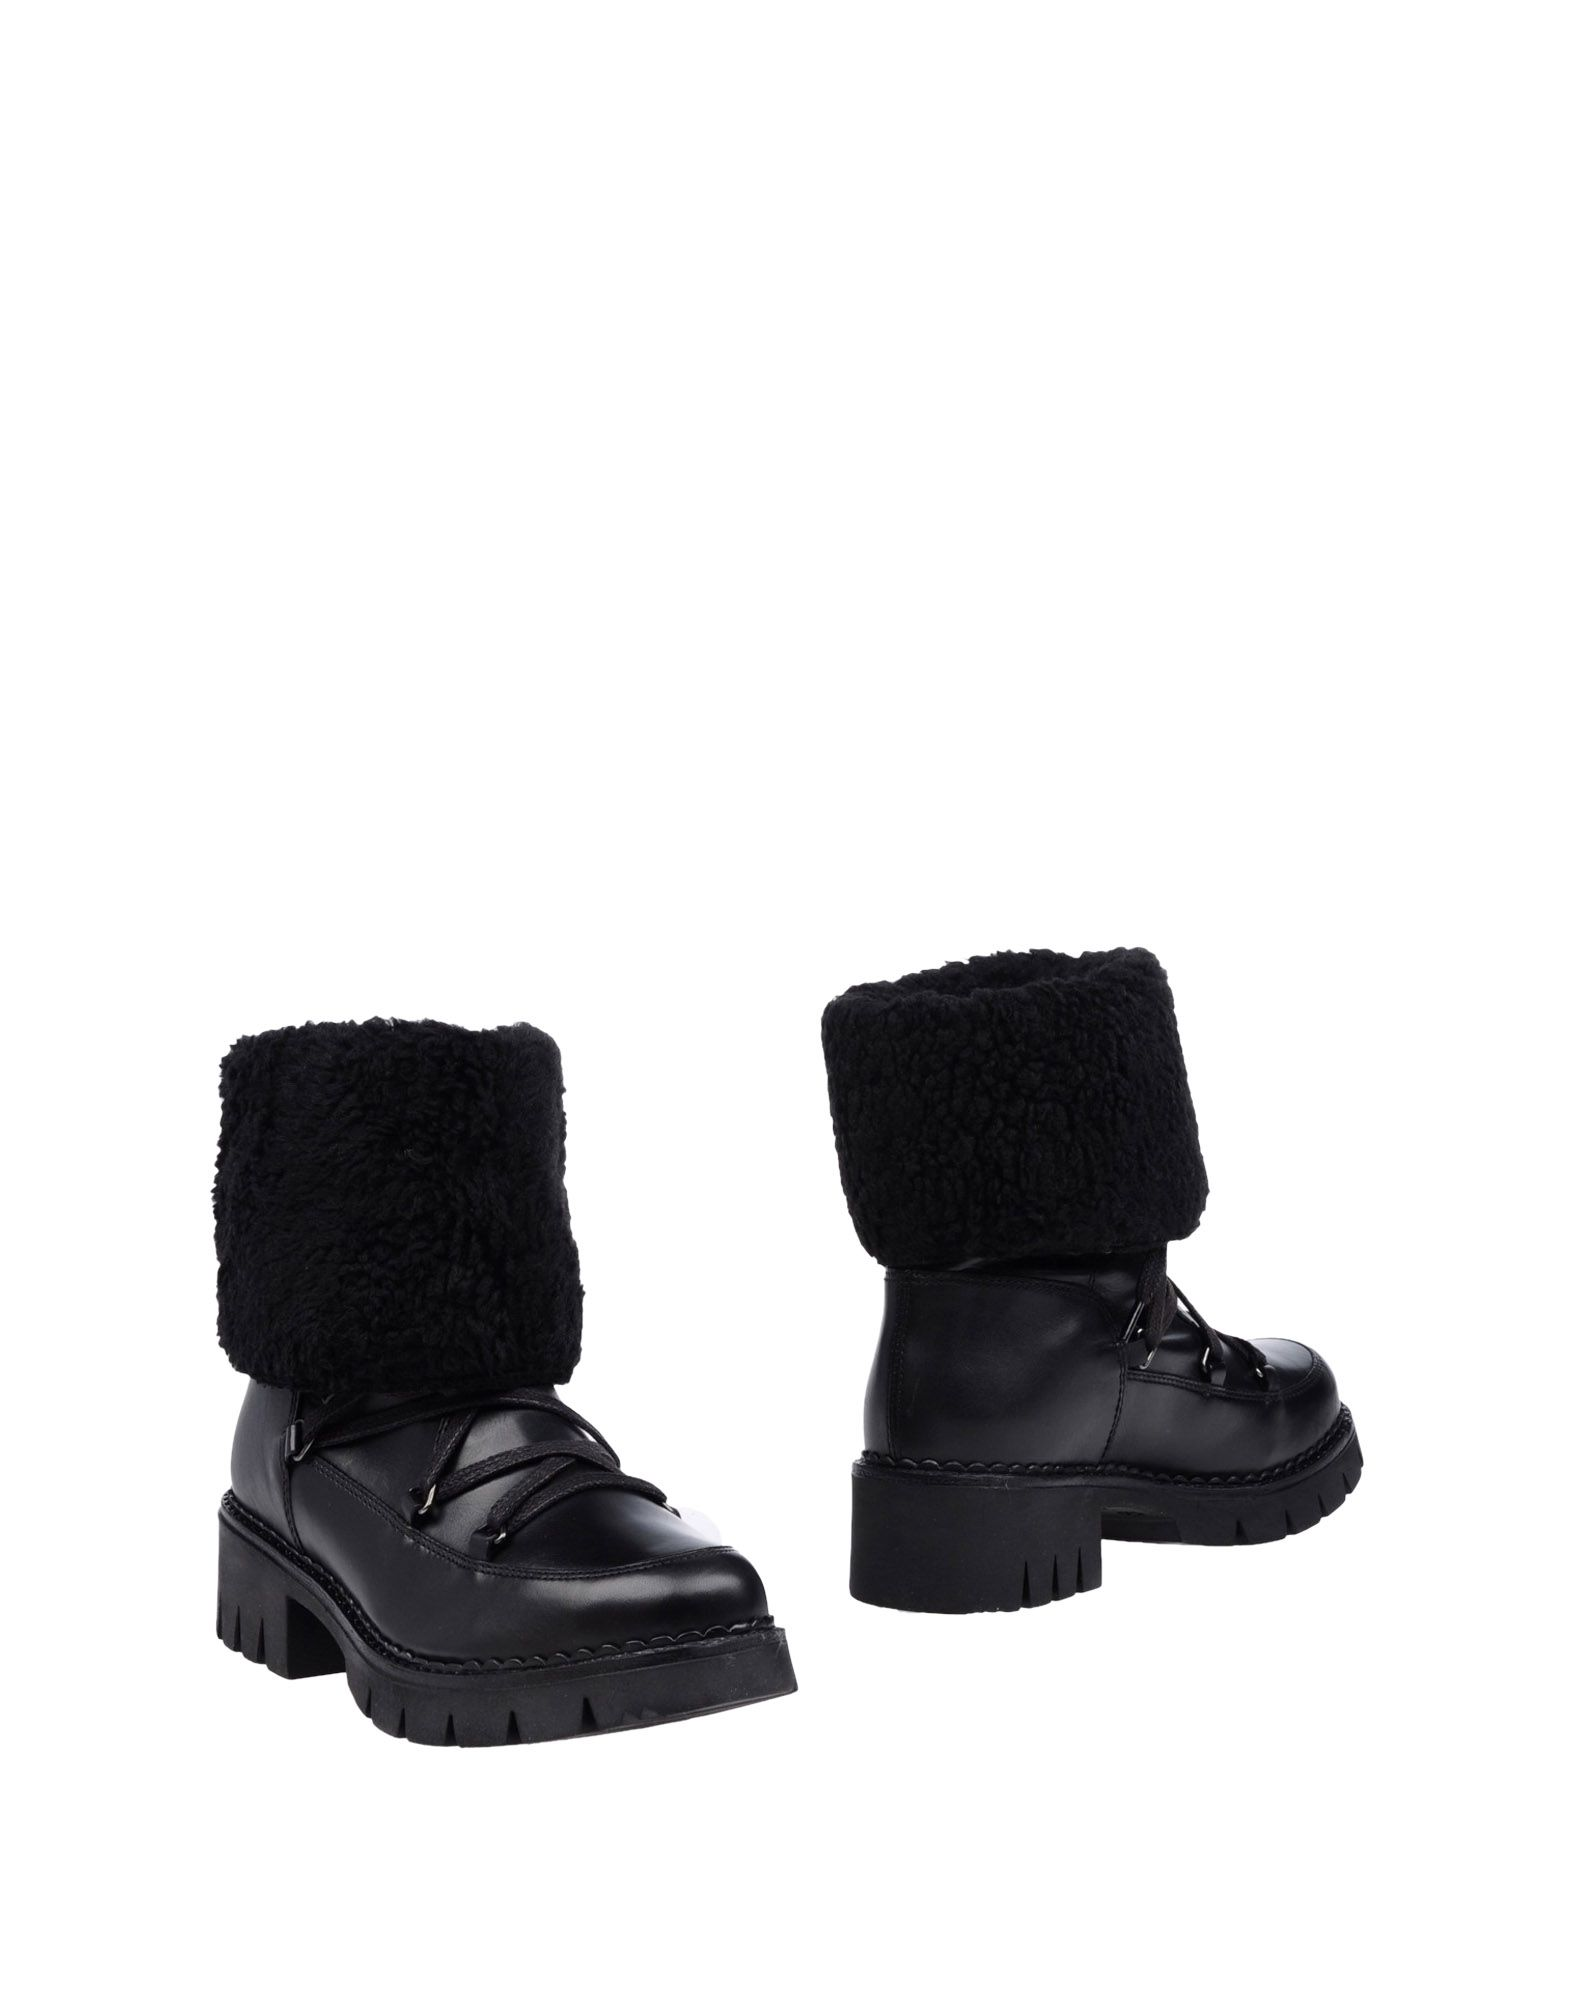 Gusto Stiefelette Schuhe Damen  11284792BH Gute Qualität beliebte Schuhe Stiefelette 7d645f